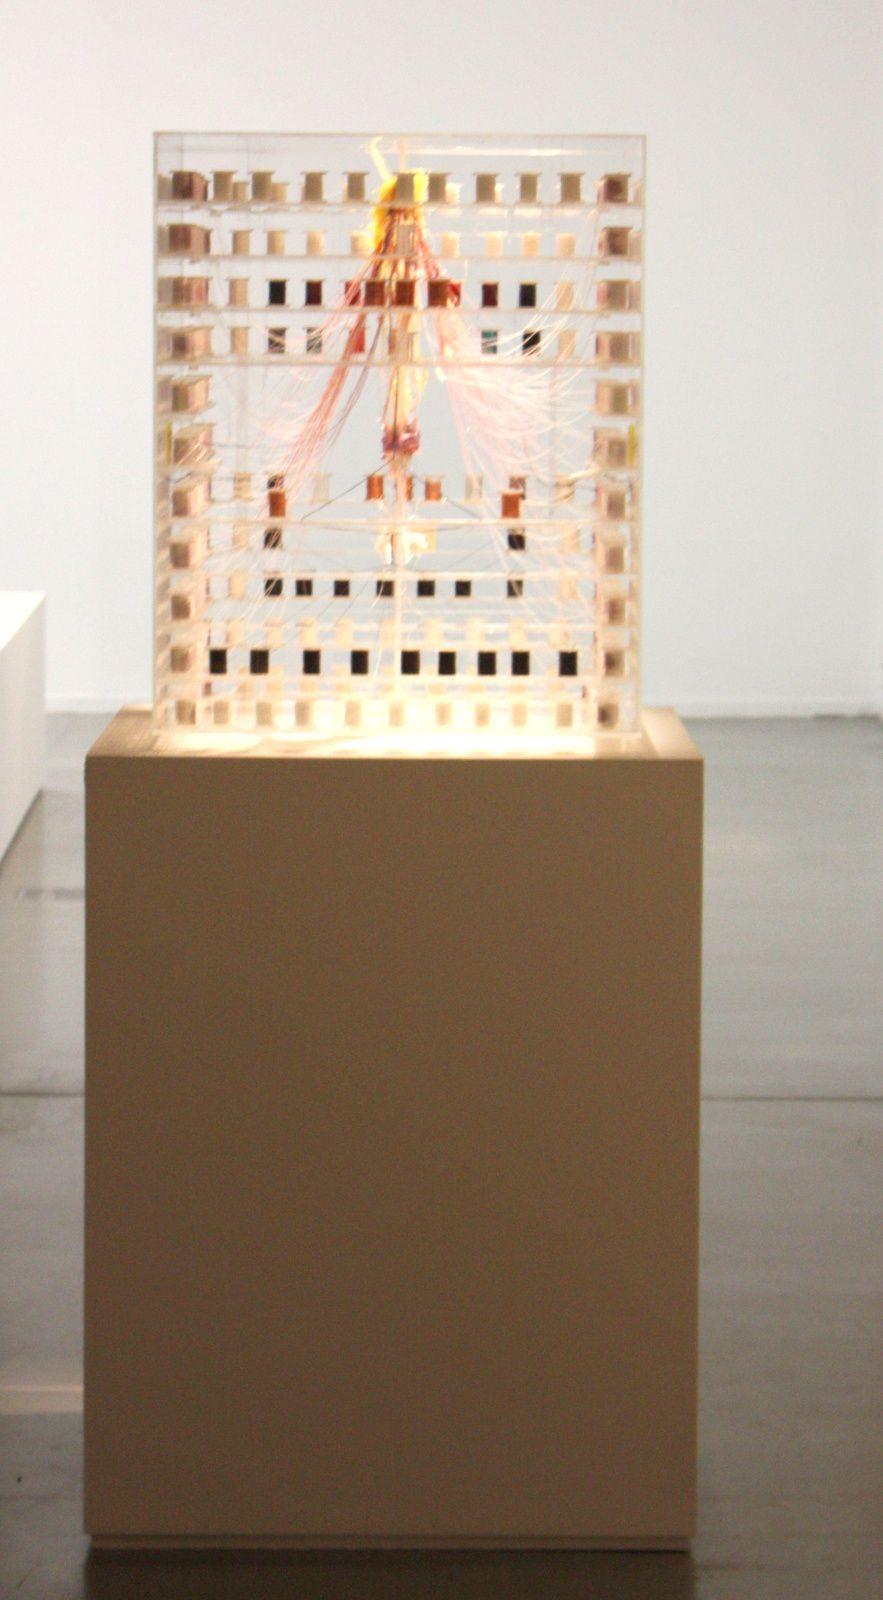 """""""La chambre d'hôte"""", 2010 de David Altmejd"""